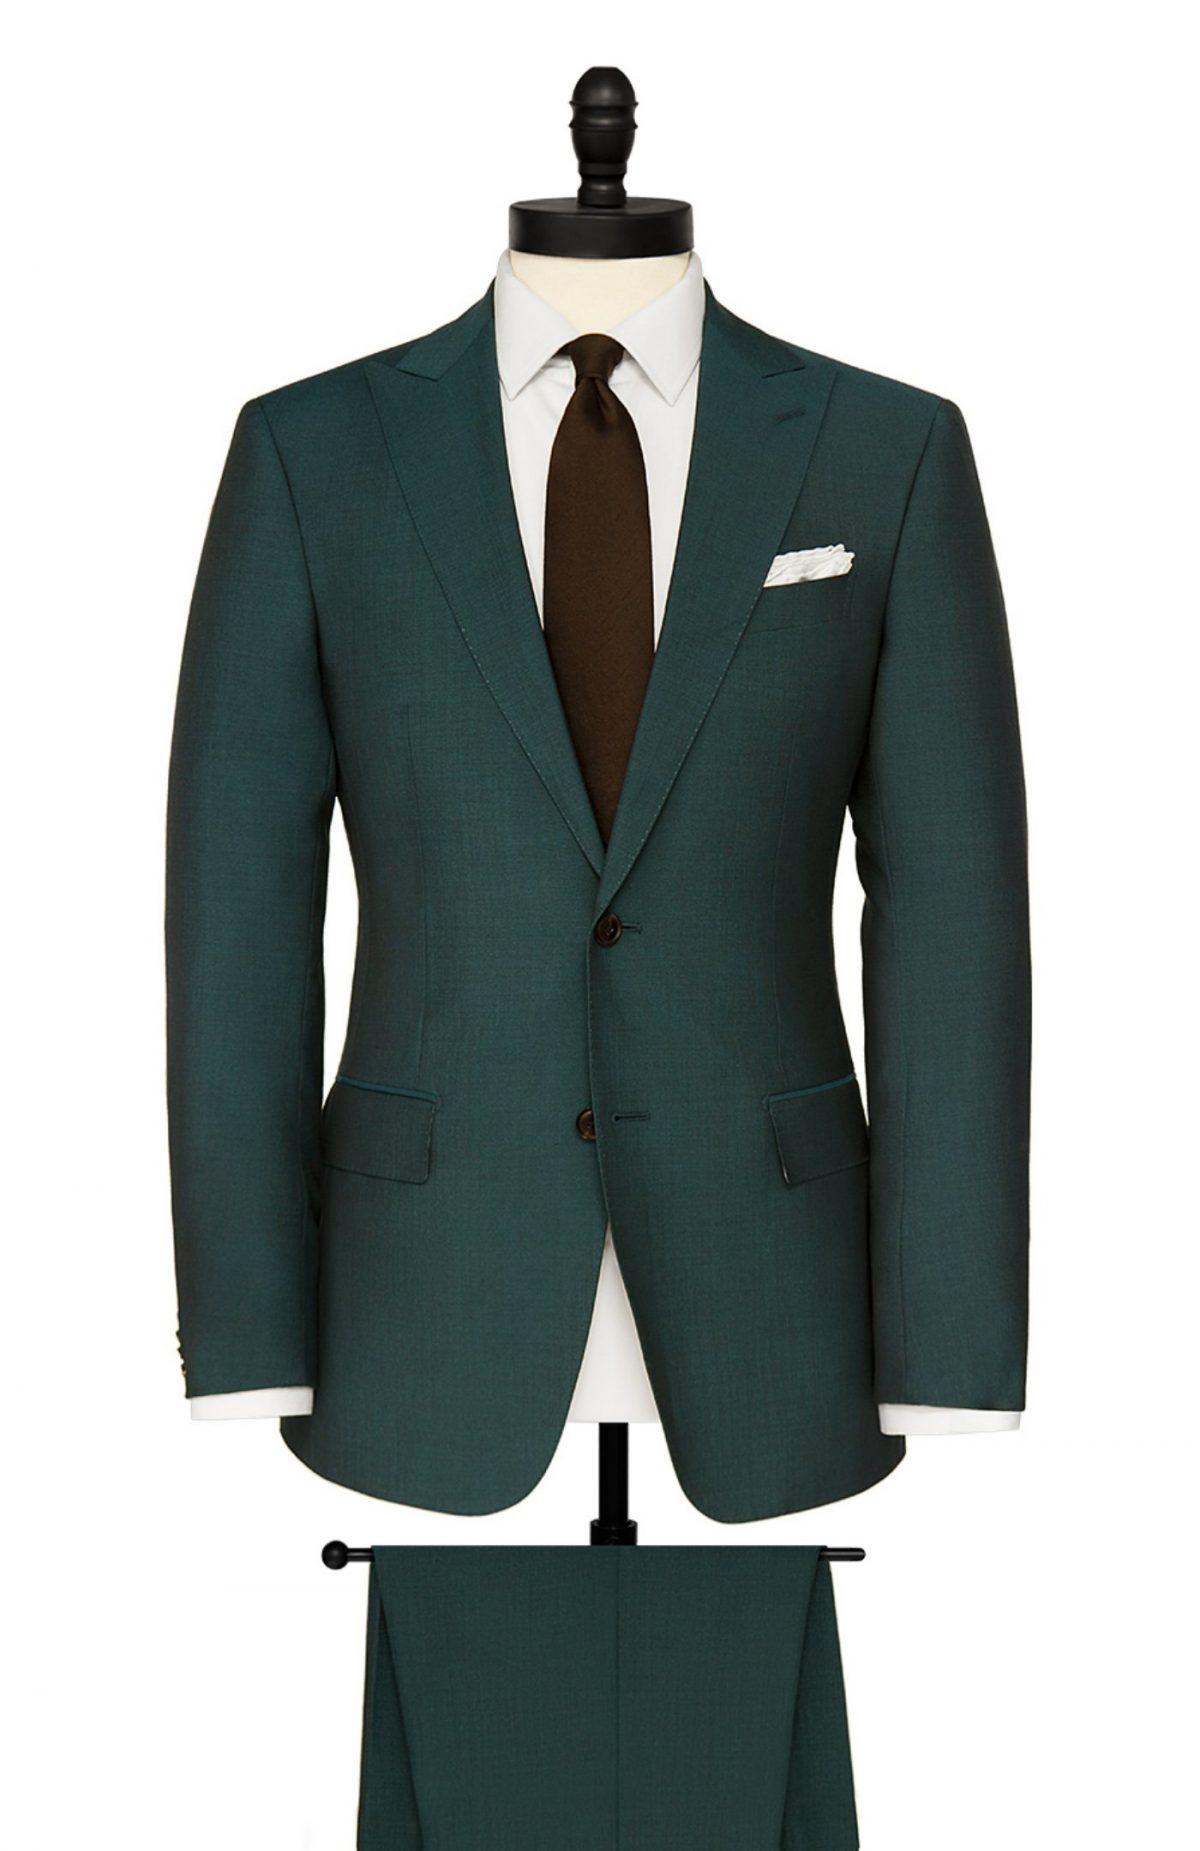 Teal Mohair Blend Suit Hero@2x 1 1200x1851 Le Sm À paris, France